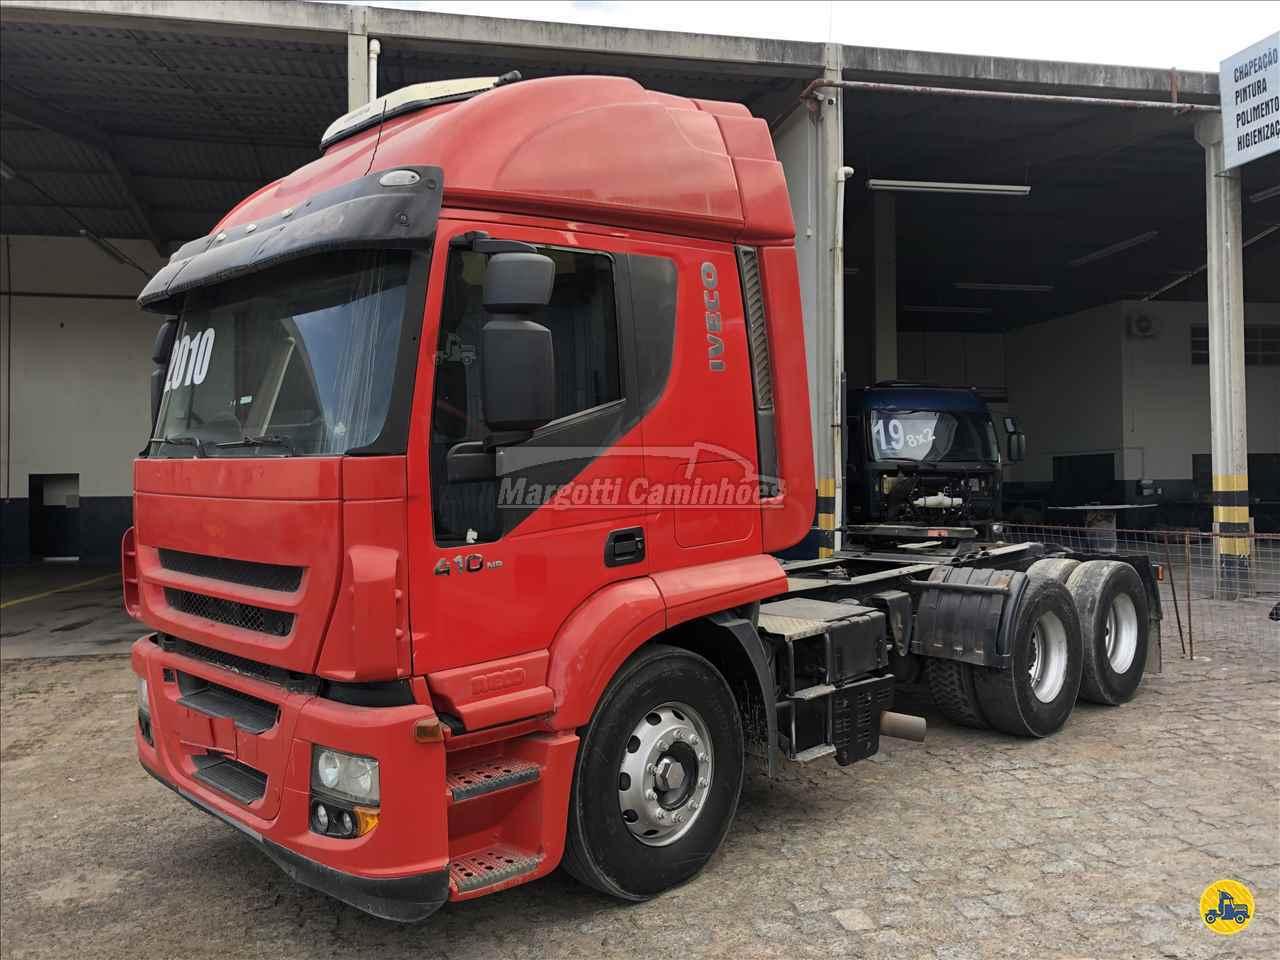 CAMINHAO IVECO STRALIS 570 Cavalo Mecânico Truck 6x2 Margotti Caminhões TUBARAO SANTA CATARINA SC